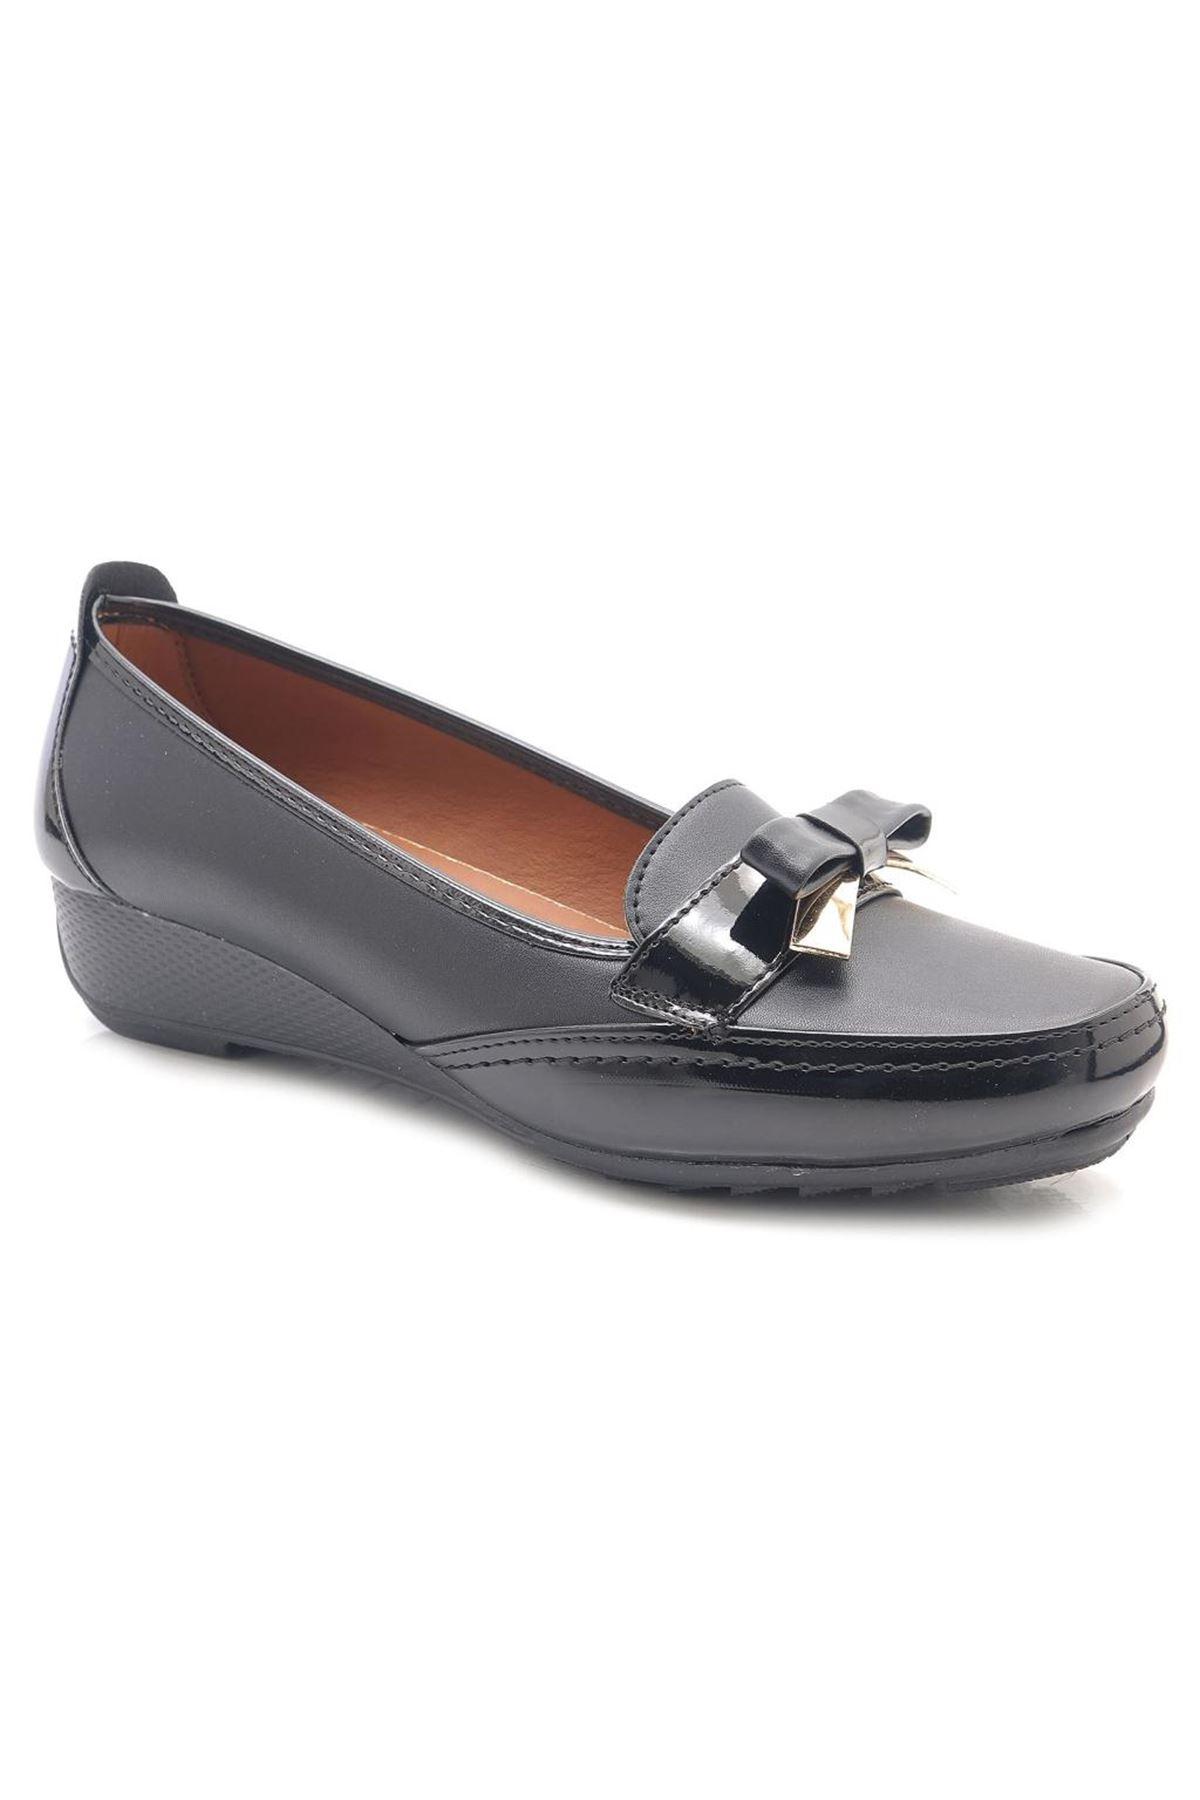 Clavi Comfort Rahat Günlük Alçak Topuk Bayan Ayakkabı